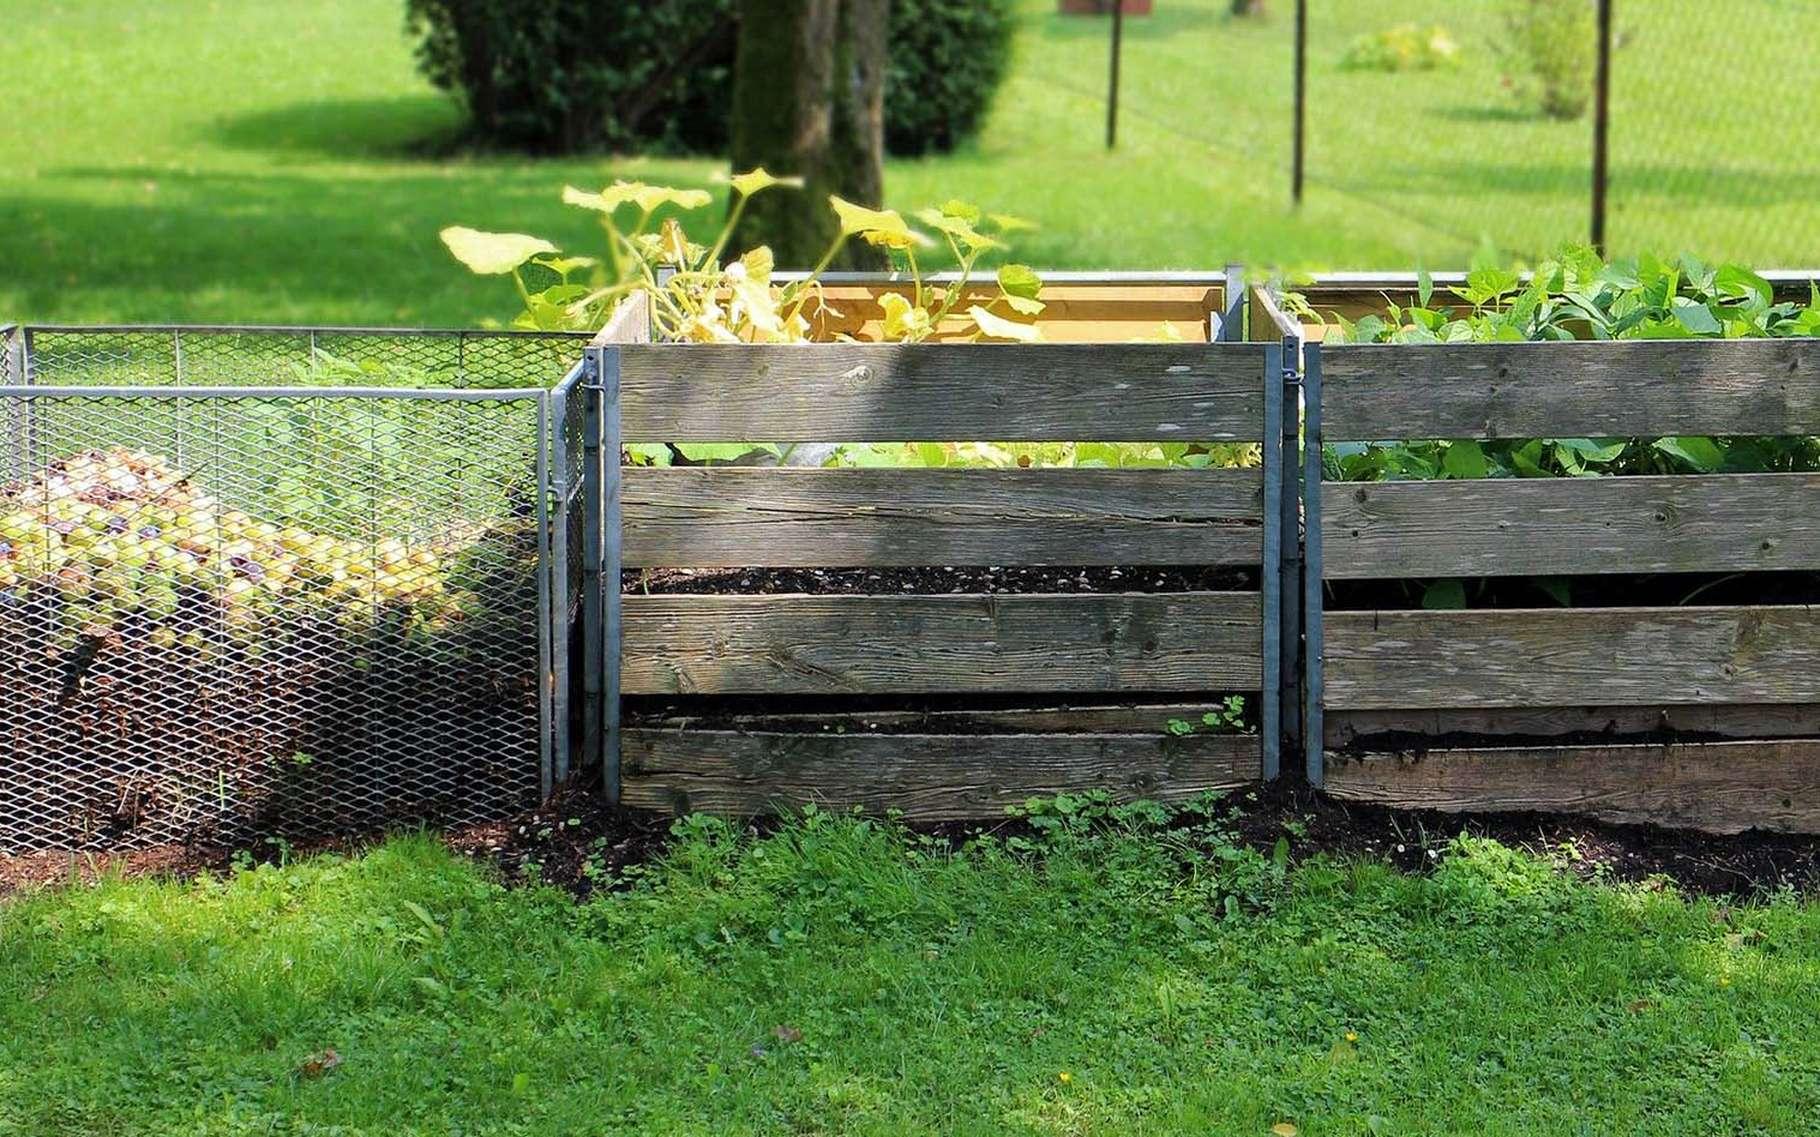 Faire du compost avec ses déchets verts. © Antranias, Pixabay, DP